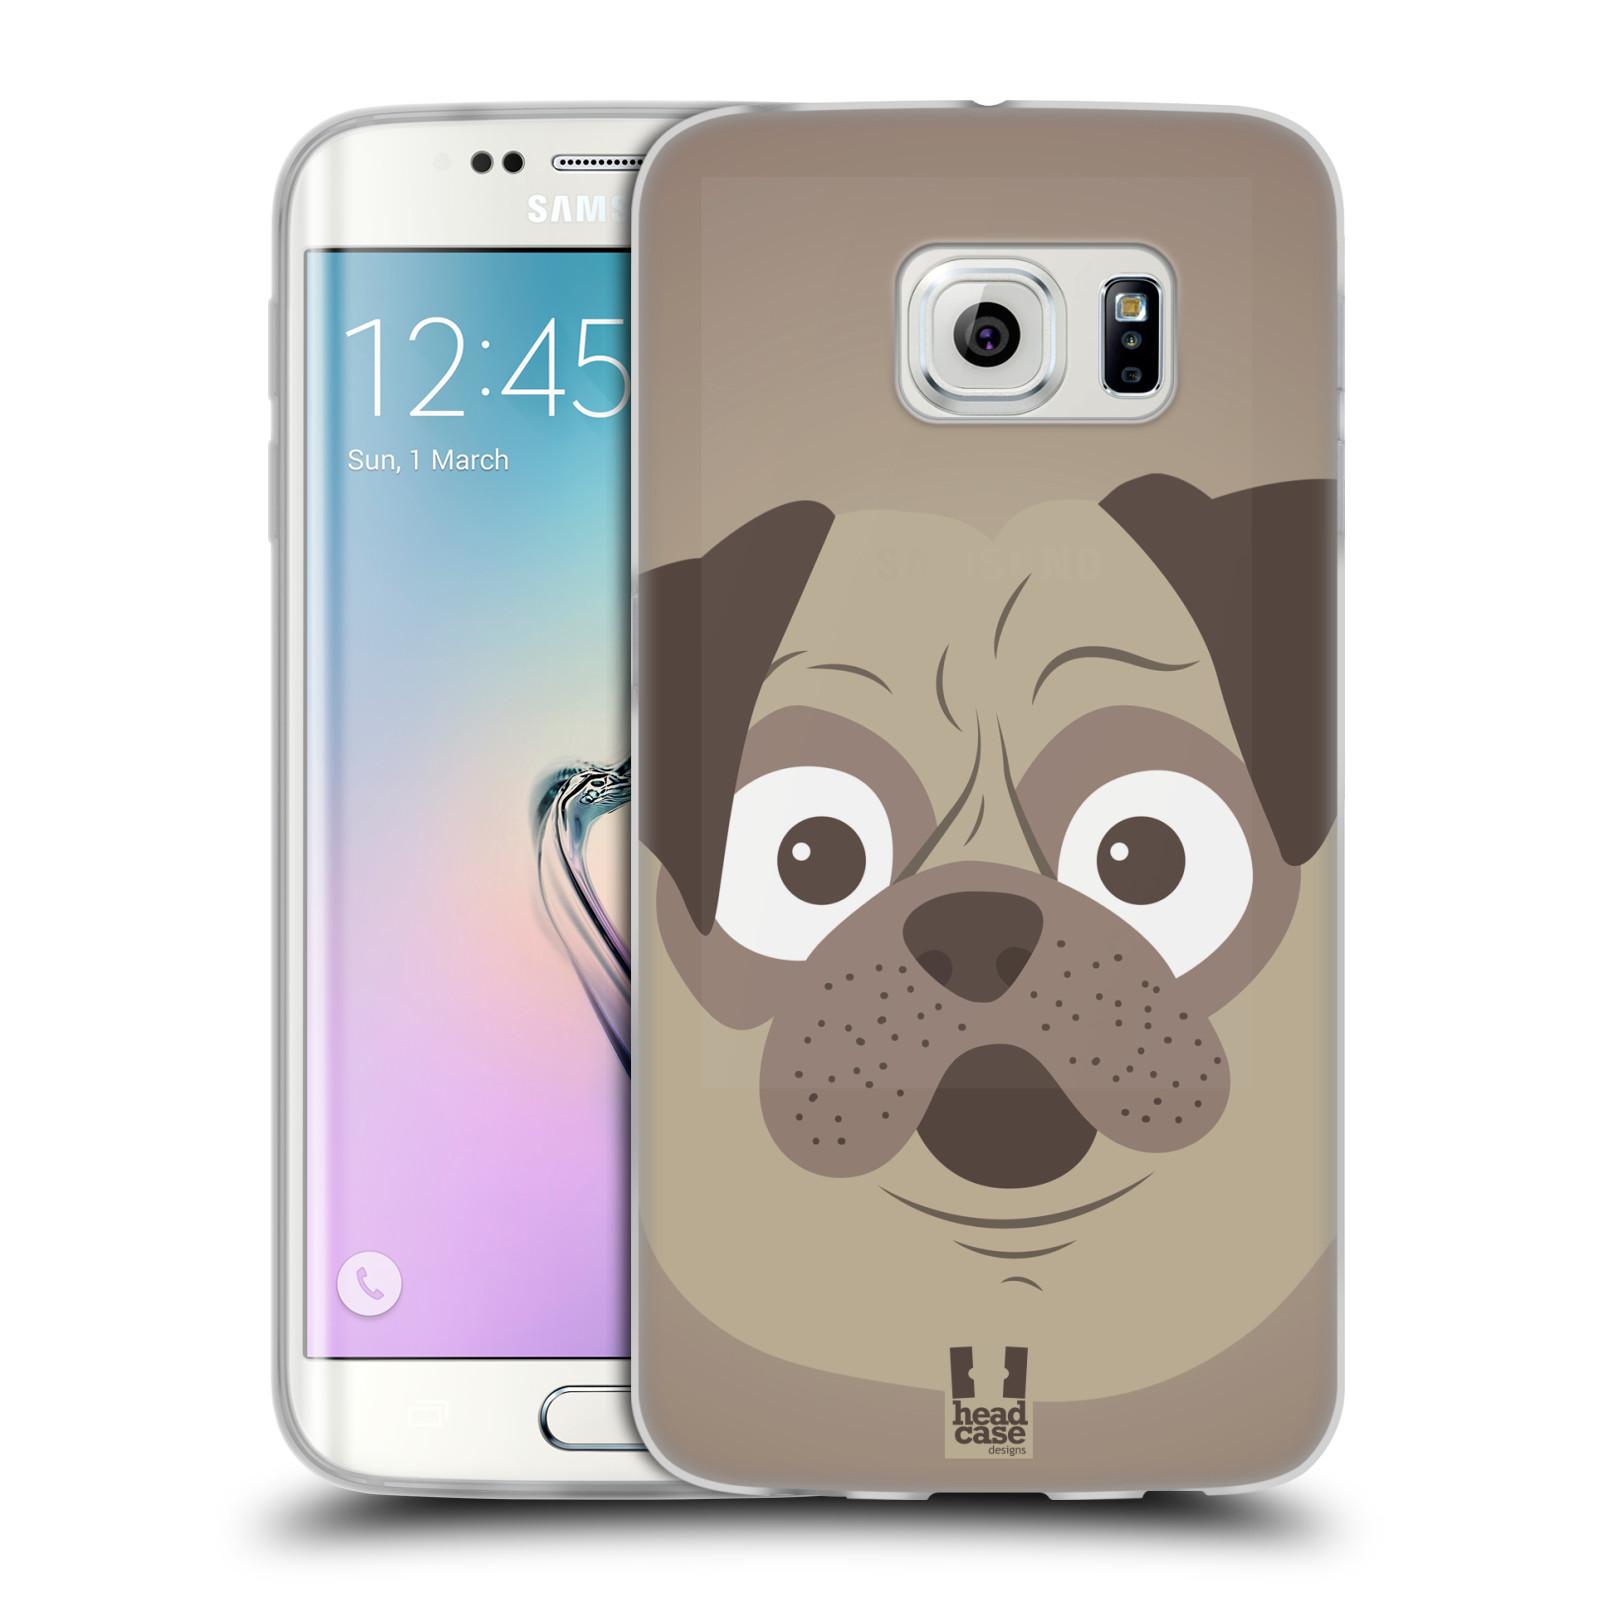 HEAD CASE silikonový obal na mobil Samsung Galaxy S6 EDGE vzor Cartoon Karikatura barevná kreslená zvířátka pes mopsík